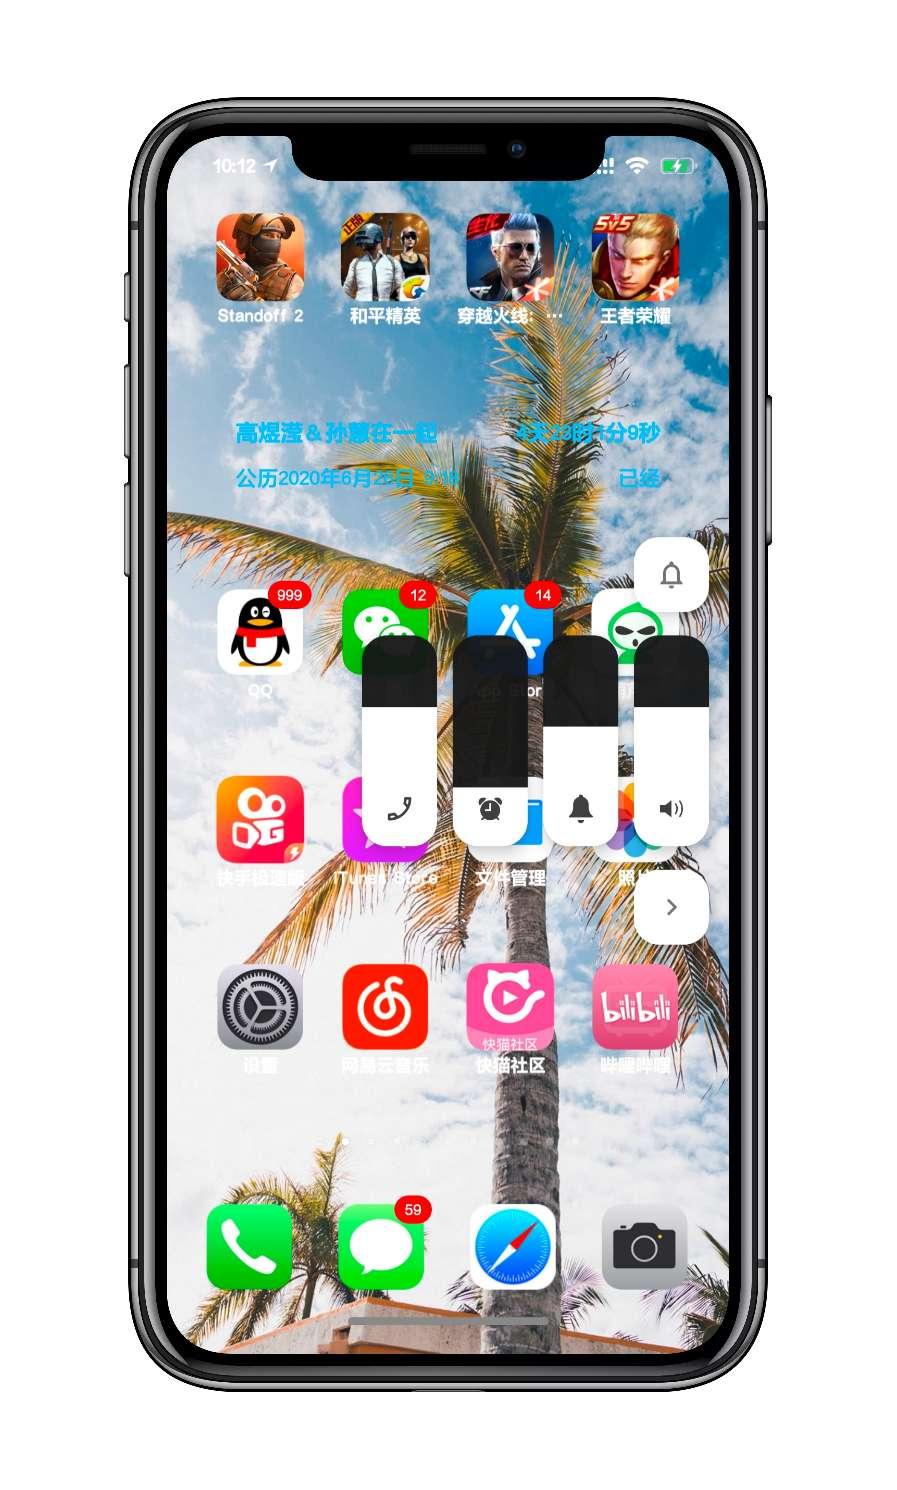 【手机美化】vivo高仿iOS-因为你是我喜欢的少年-www.im86.com